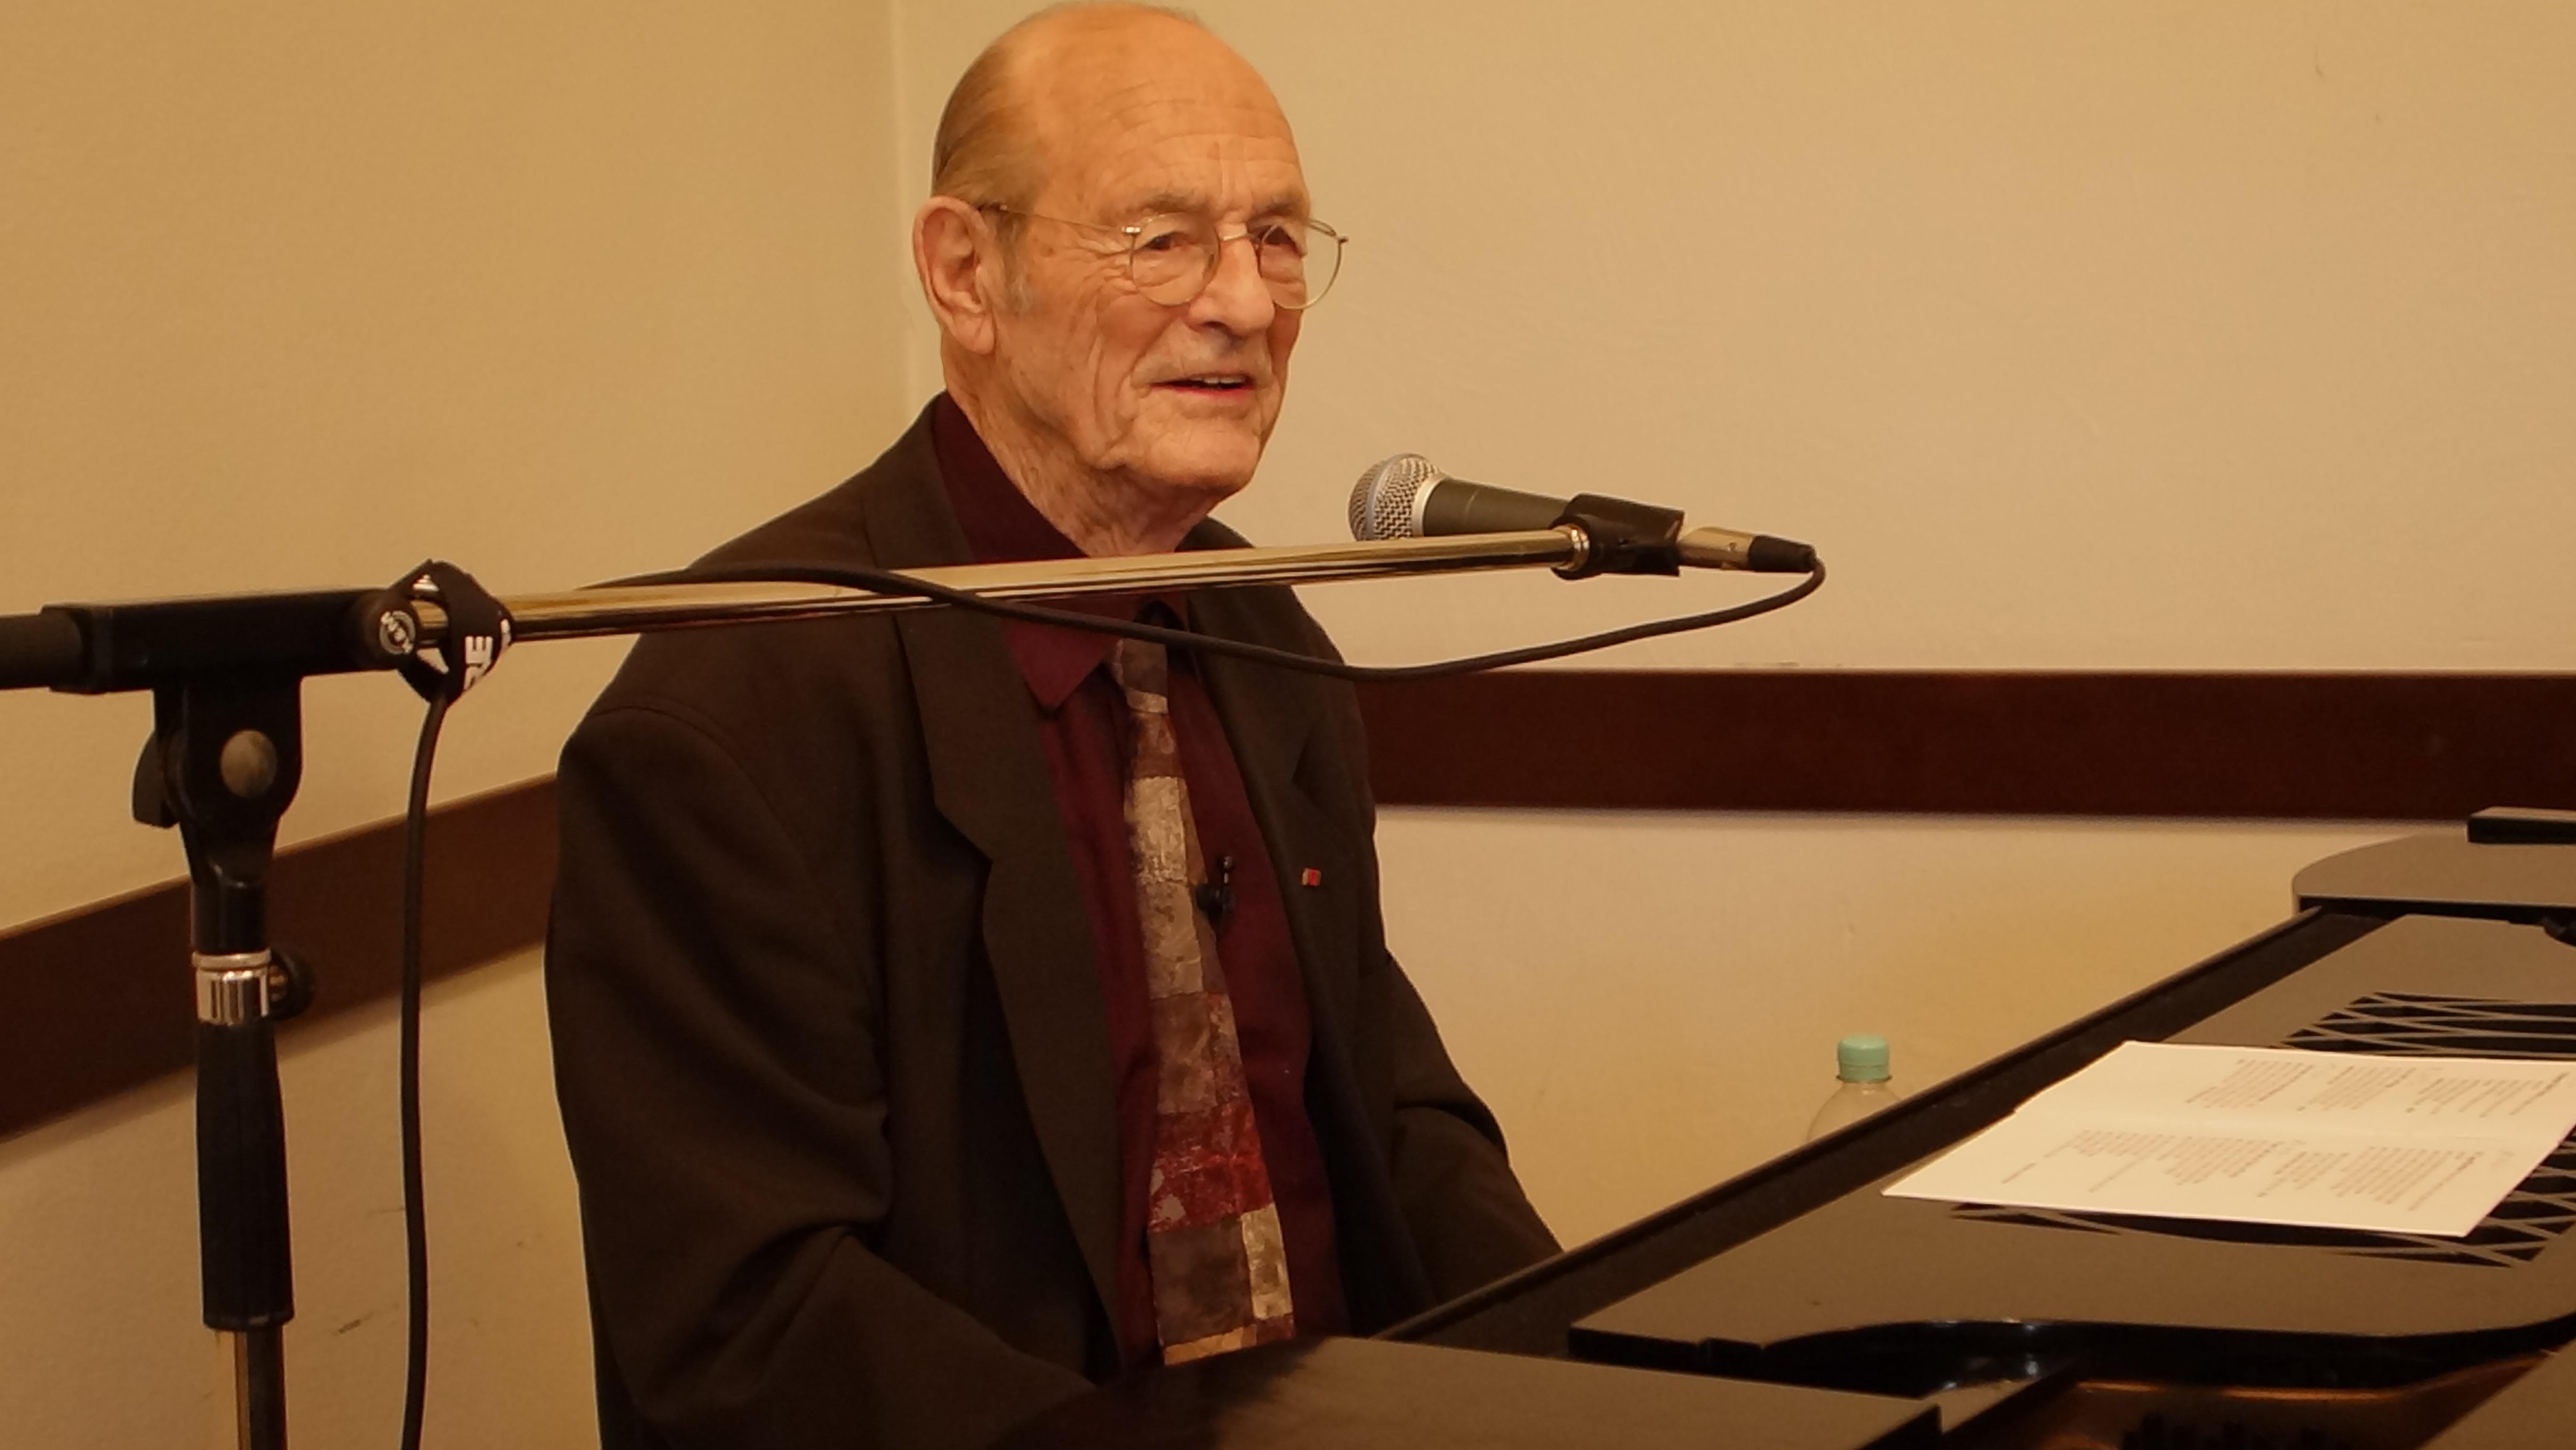 Klaus Wüsthoff, Komponist